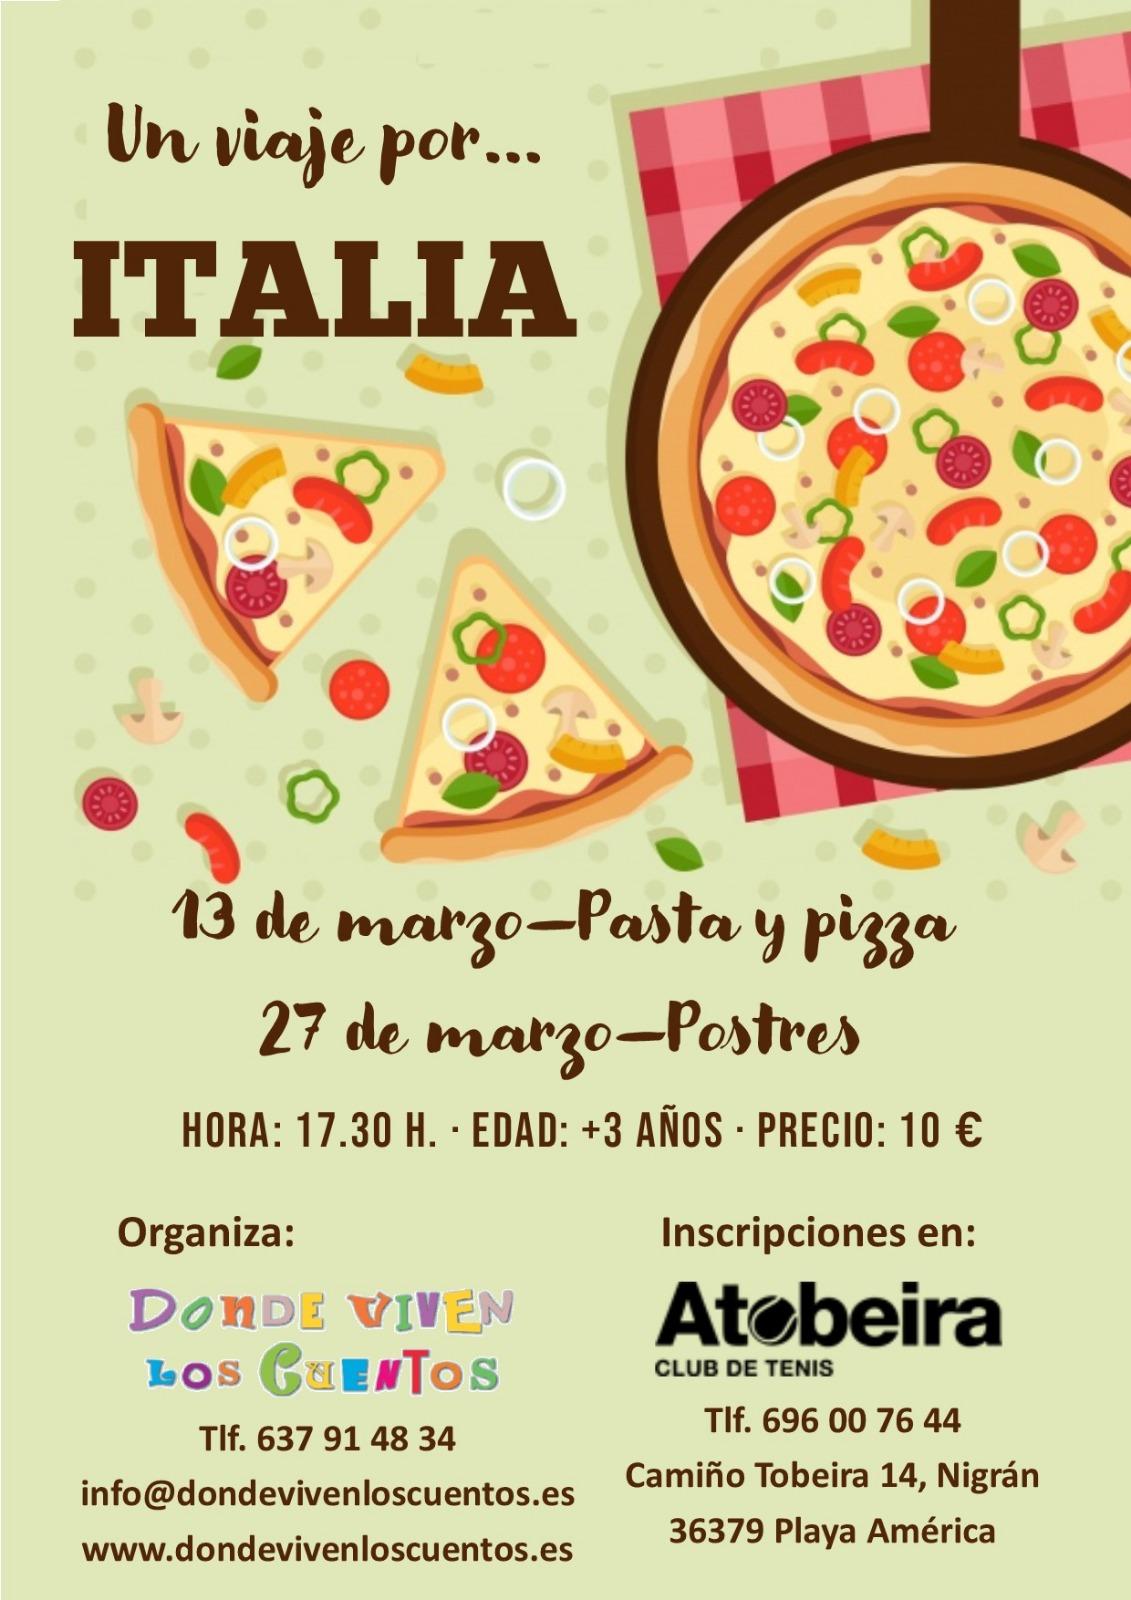 Taller Obradoiro Manualidades Viajes Niños Cocina Pizza pasta